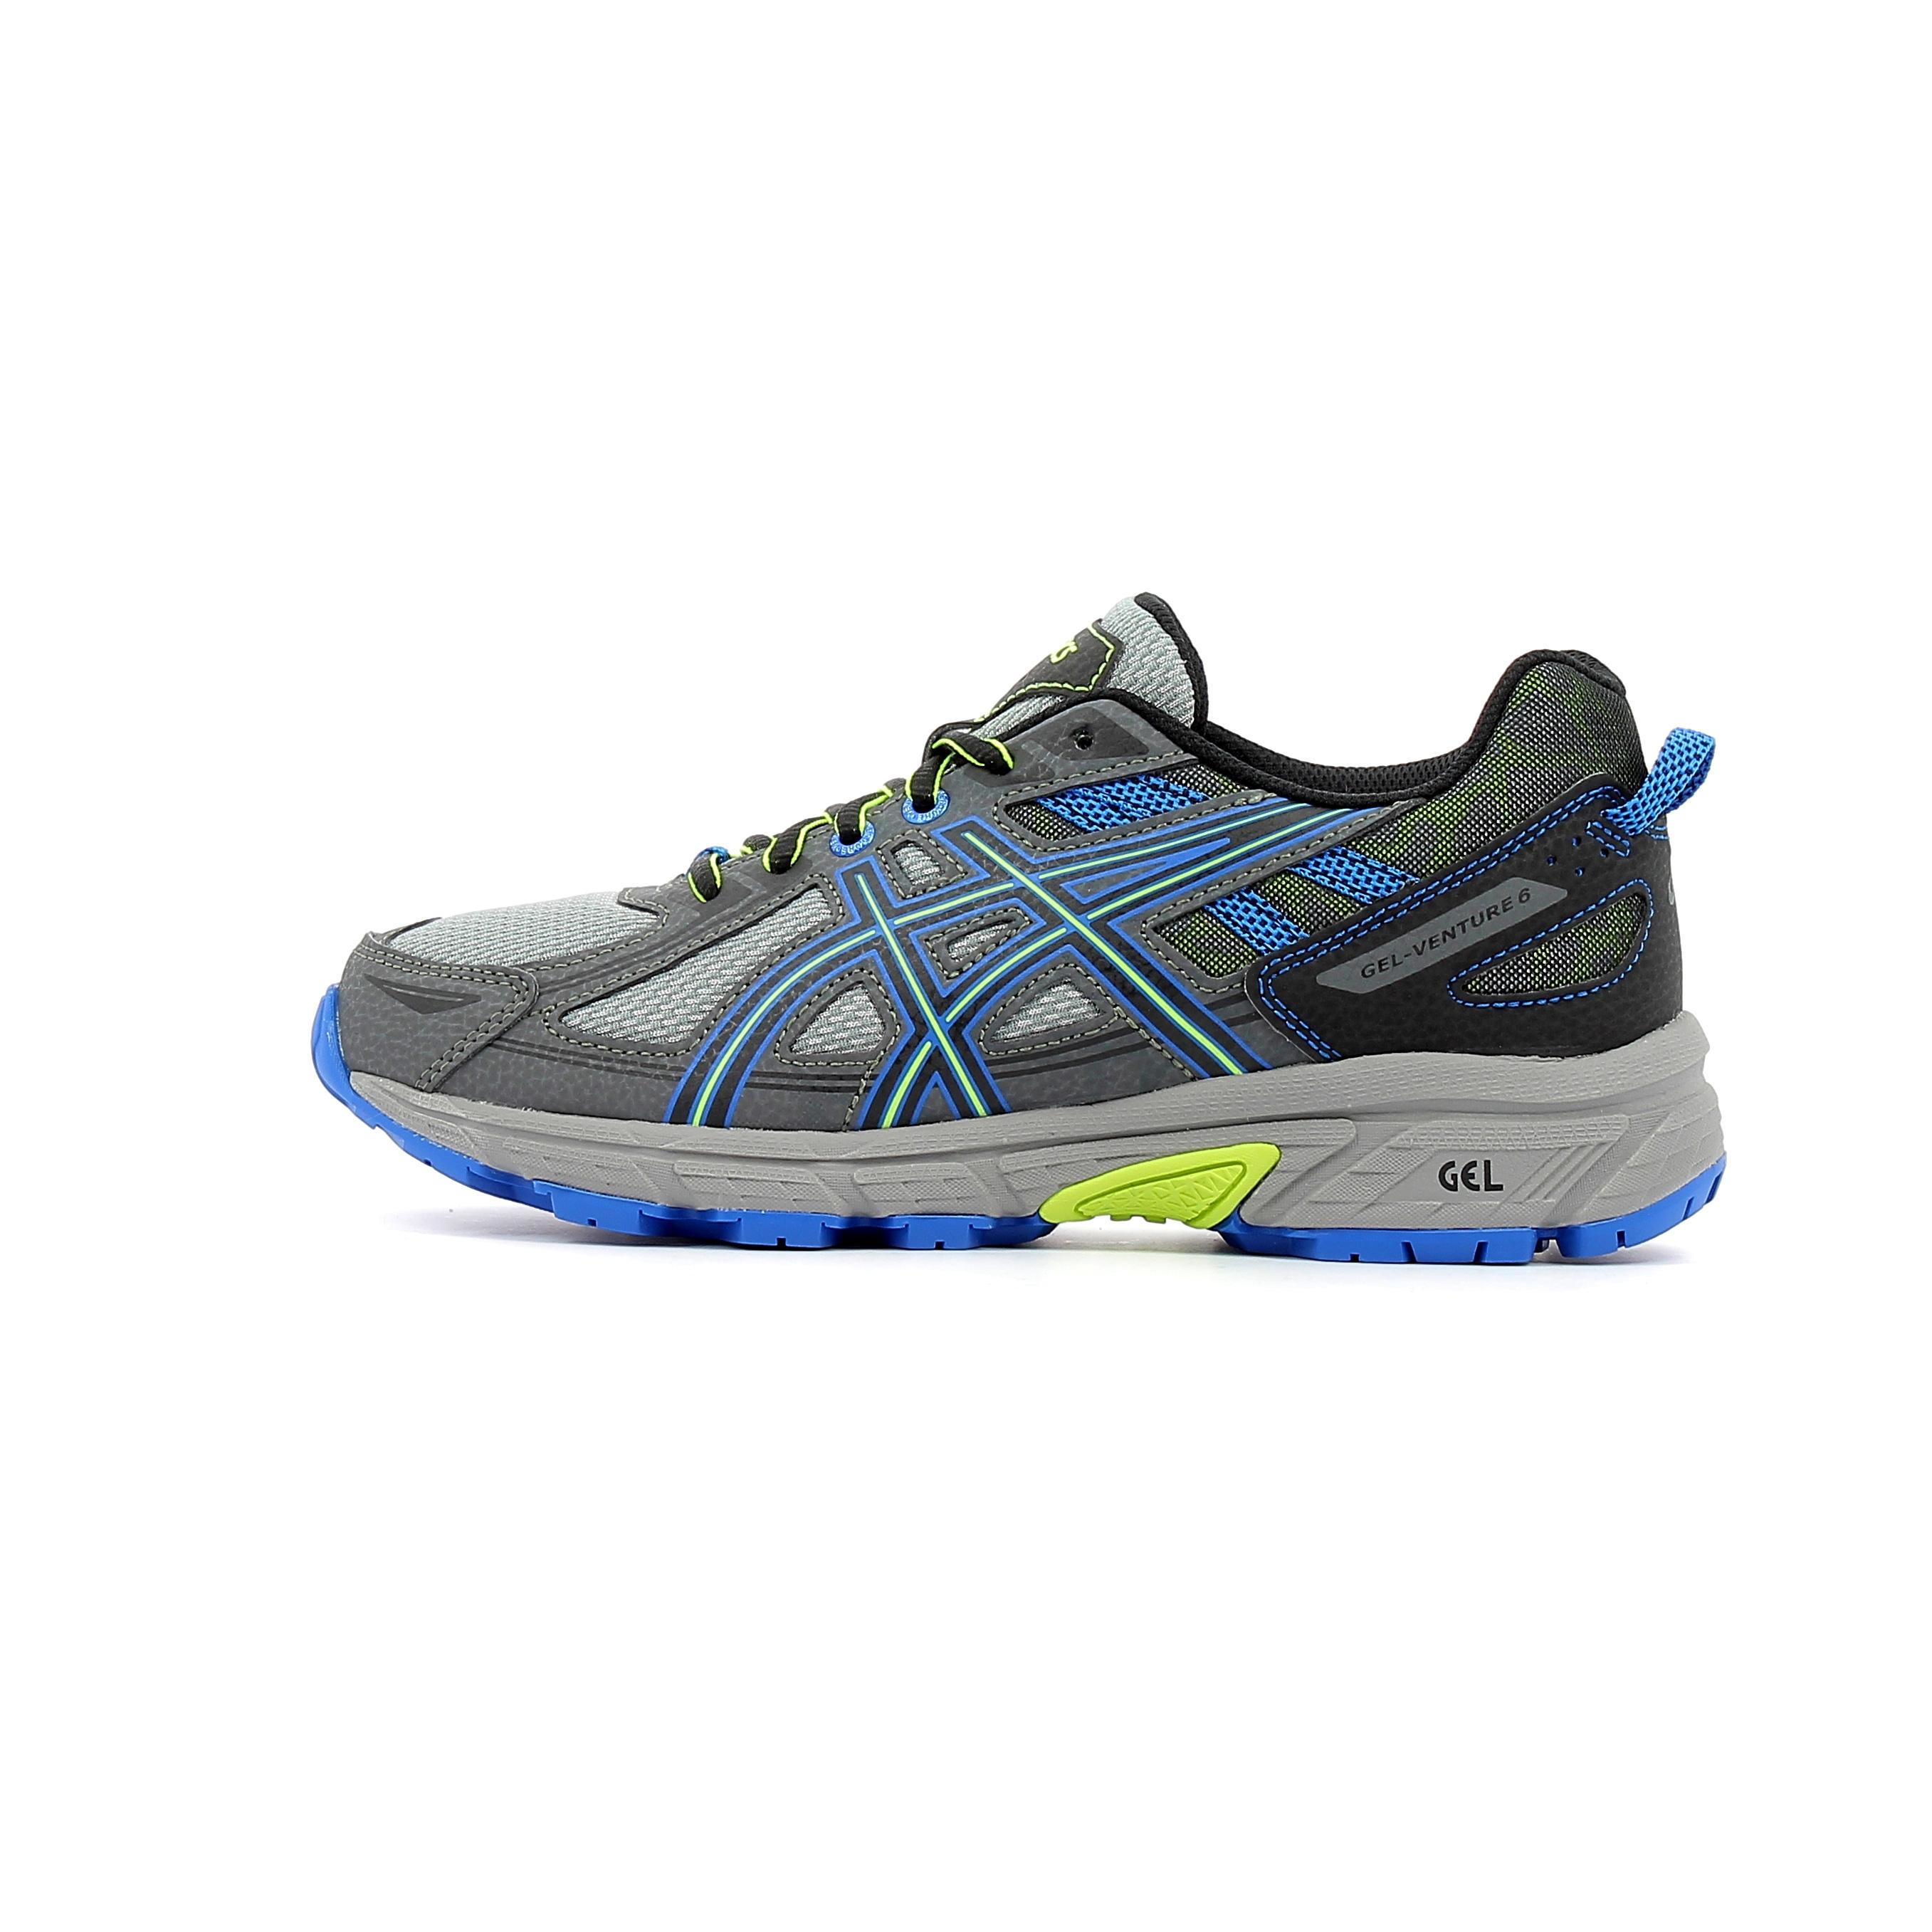 fc05f971d179d Chaussures Enfant Asics Gel Venture 6 GS enfant Gris